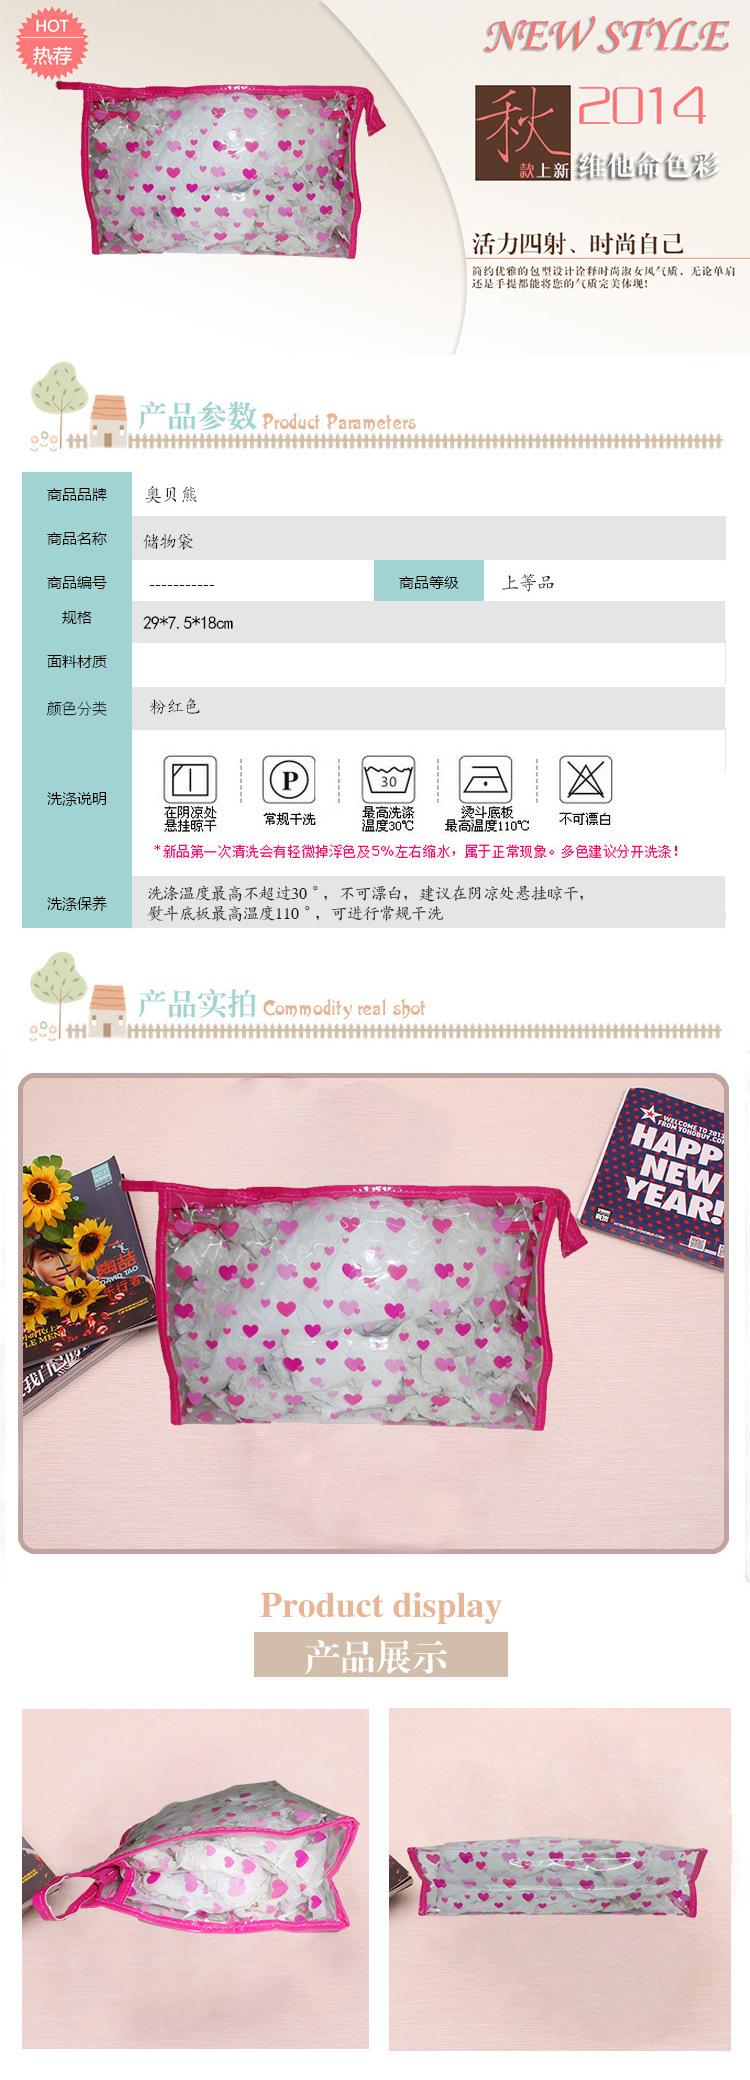 【产品定制】供应时尚粉红色储物袋 29*7.5*18cm 环保收纳